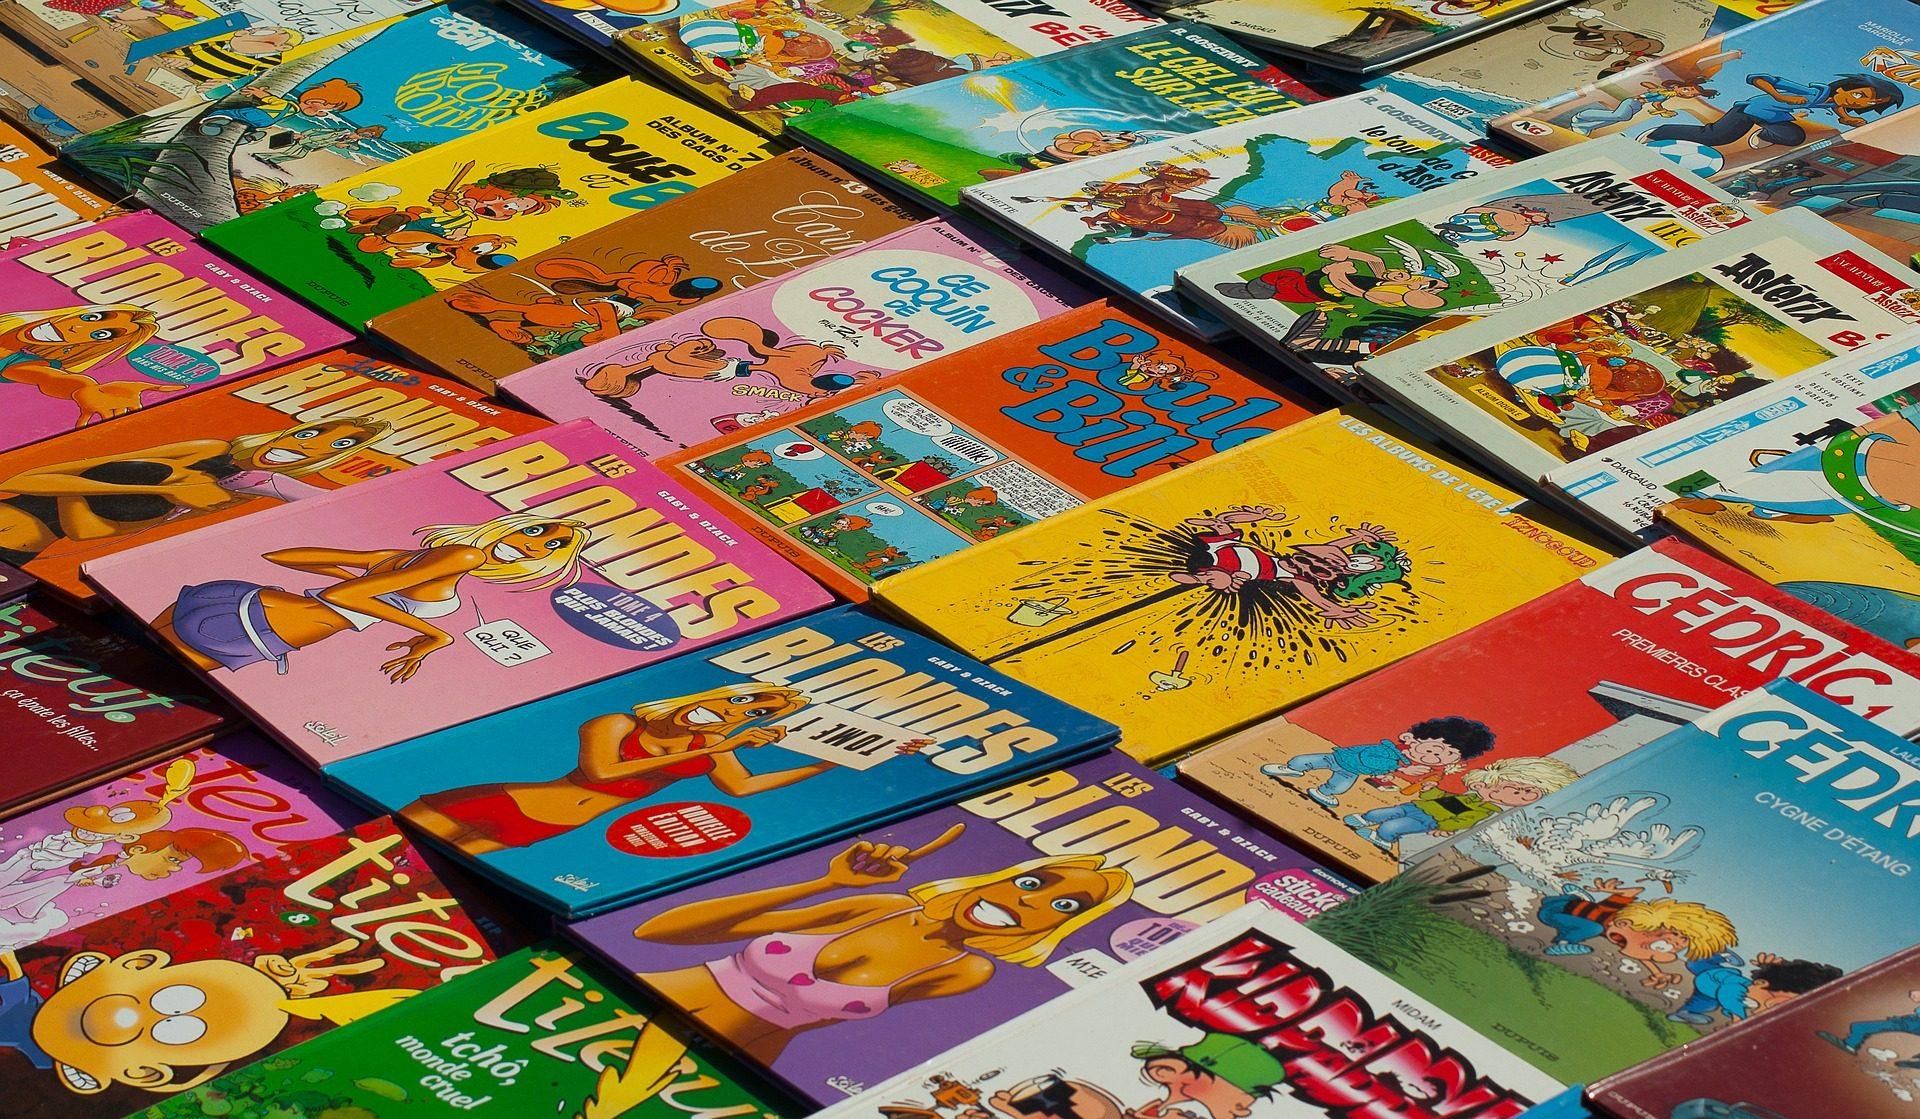 書籍, comics, コミック, 漫画, 図面, 冒険 - HD の壁紙 - 教授-falken.com